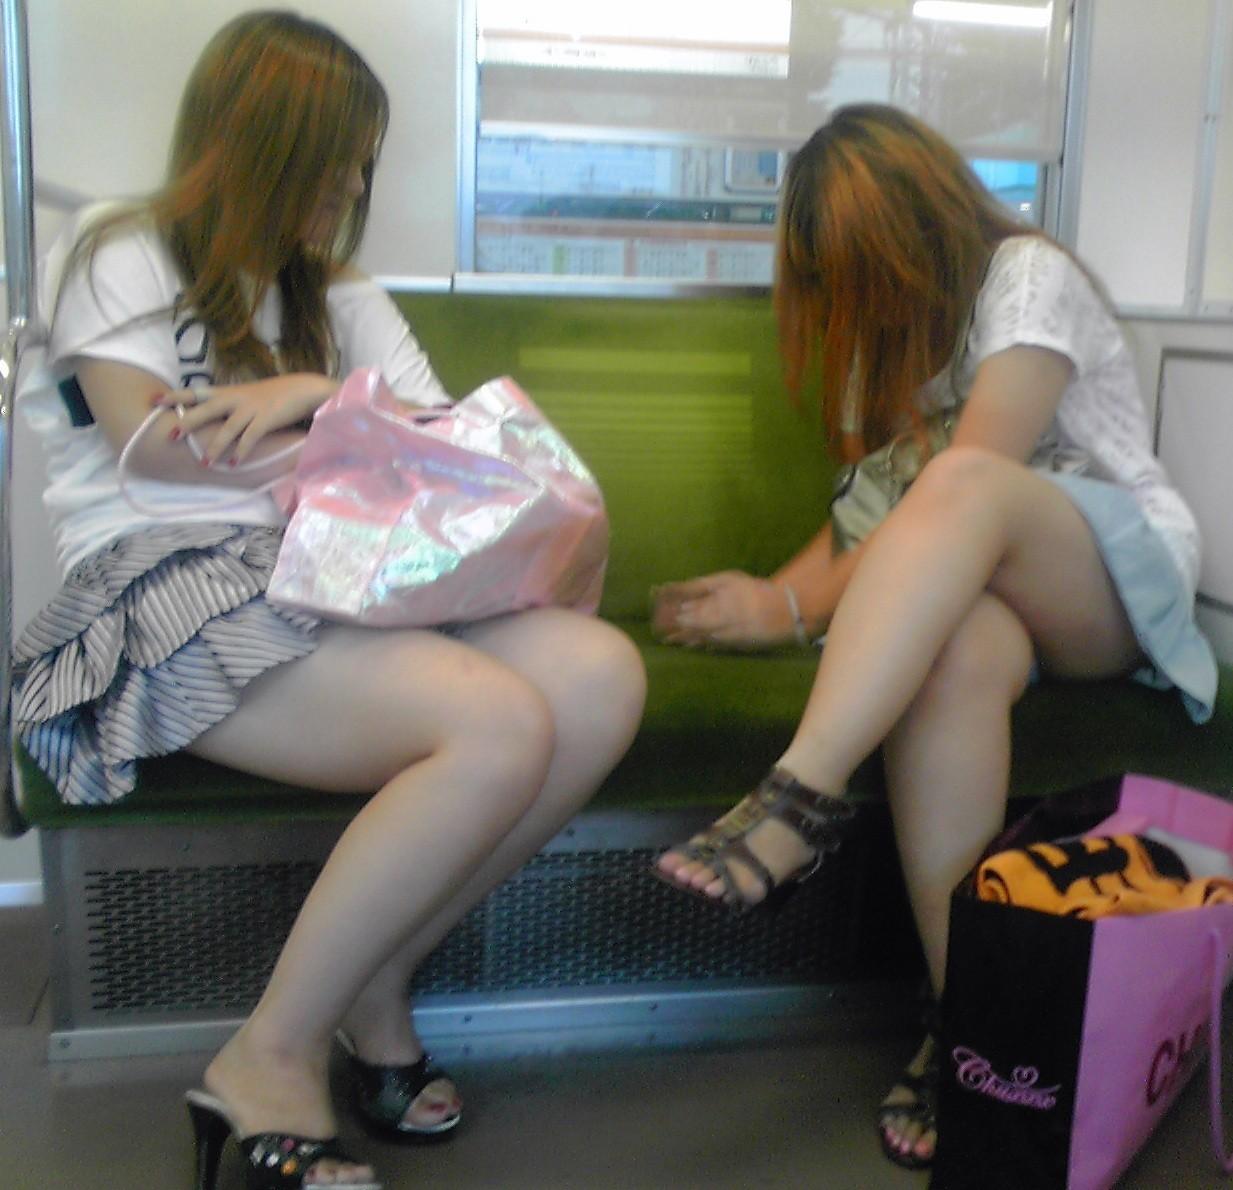 【美脚エロ画像】下着見えなくても十分な脚線美!電車内の絶品美脚を無差別撮りwww 11